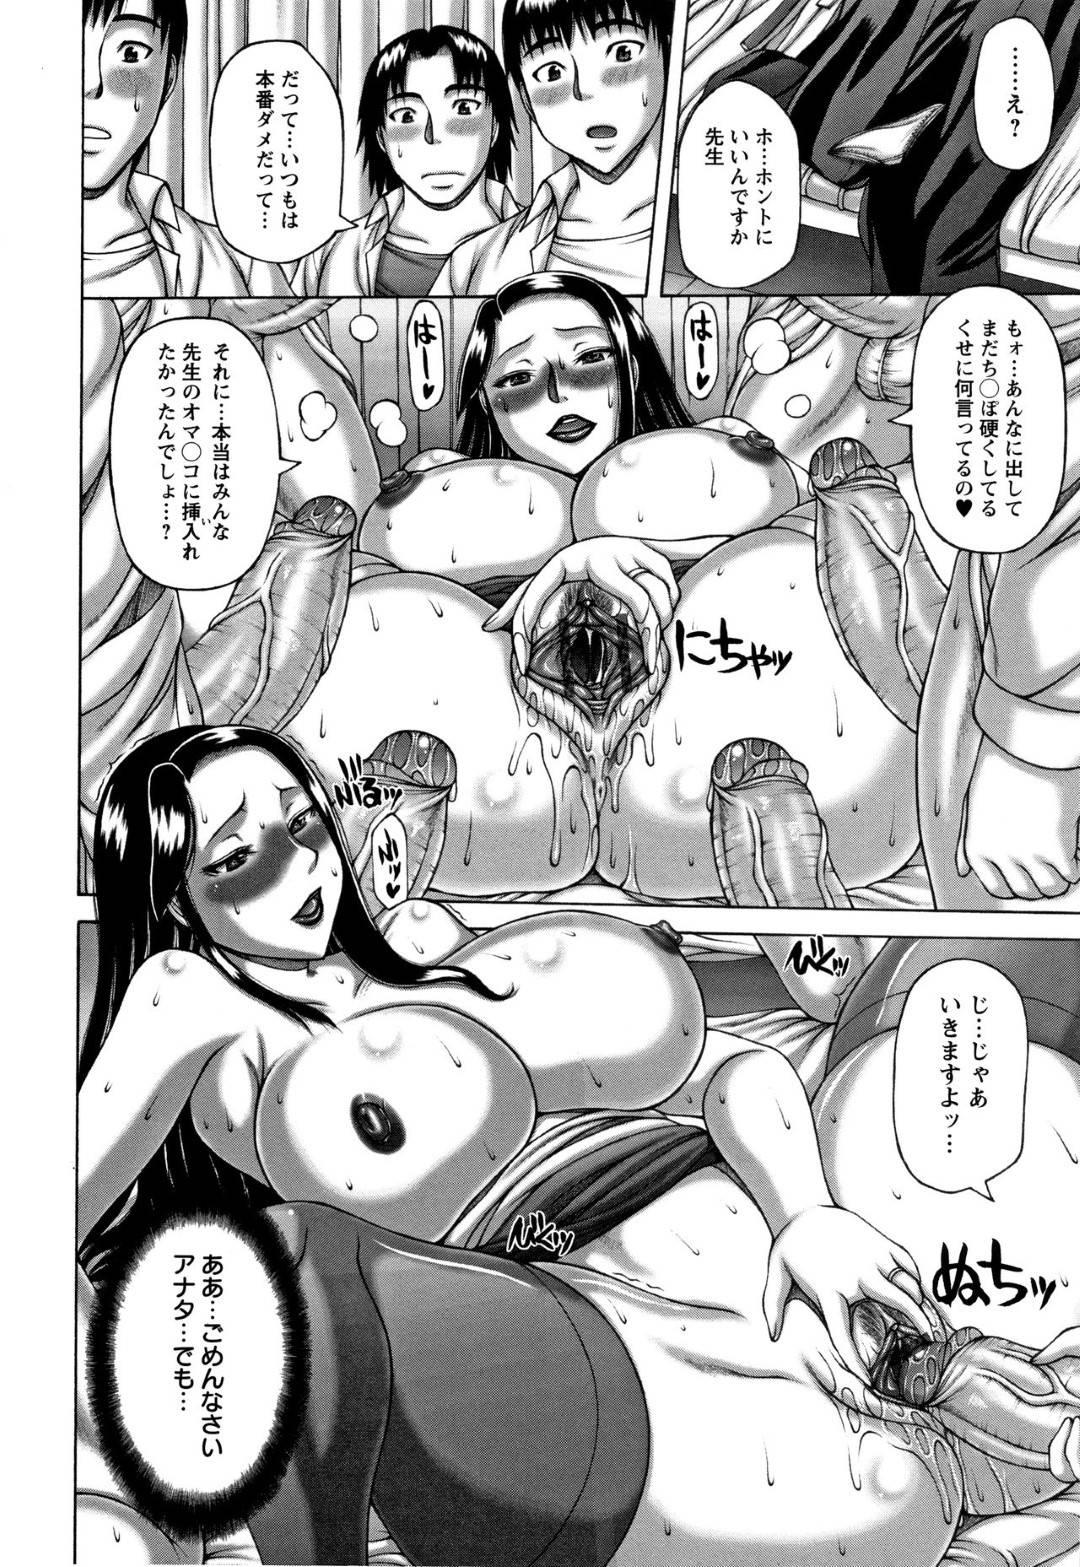 【エロ漫画】一卵性双生児巨乳姉妹、大暴れ!いつも保健室で男子生徒と寸止めプレイをしている妹と欲求不満の姉が入れかわり、姉は生徒をクイマクル!